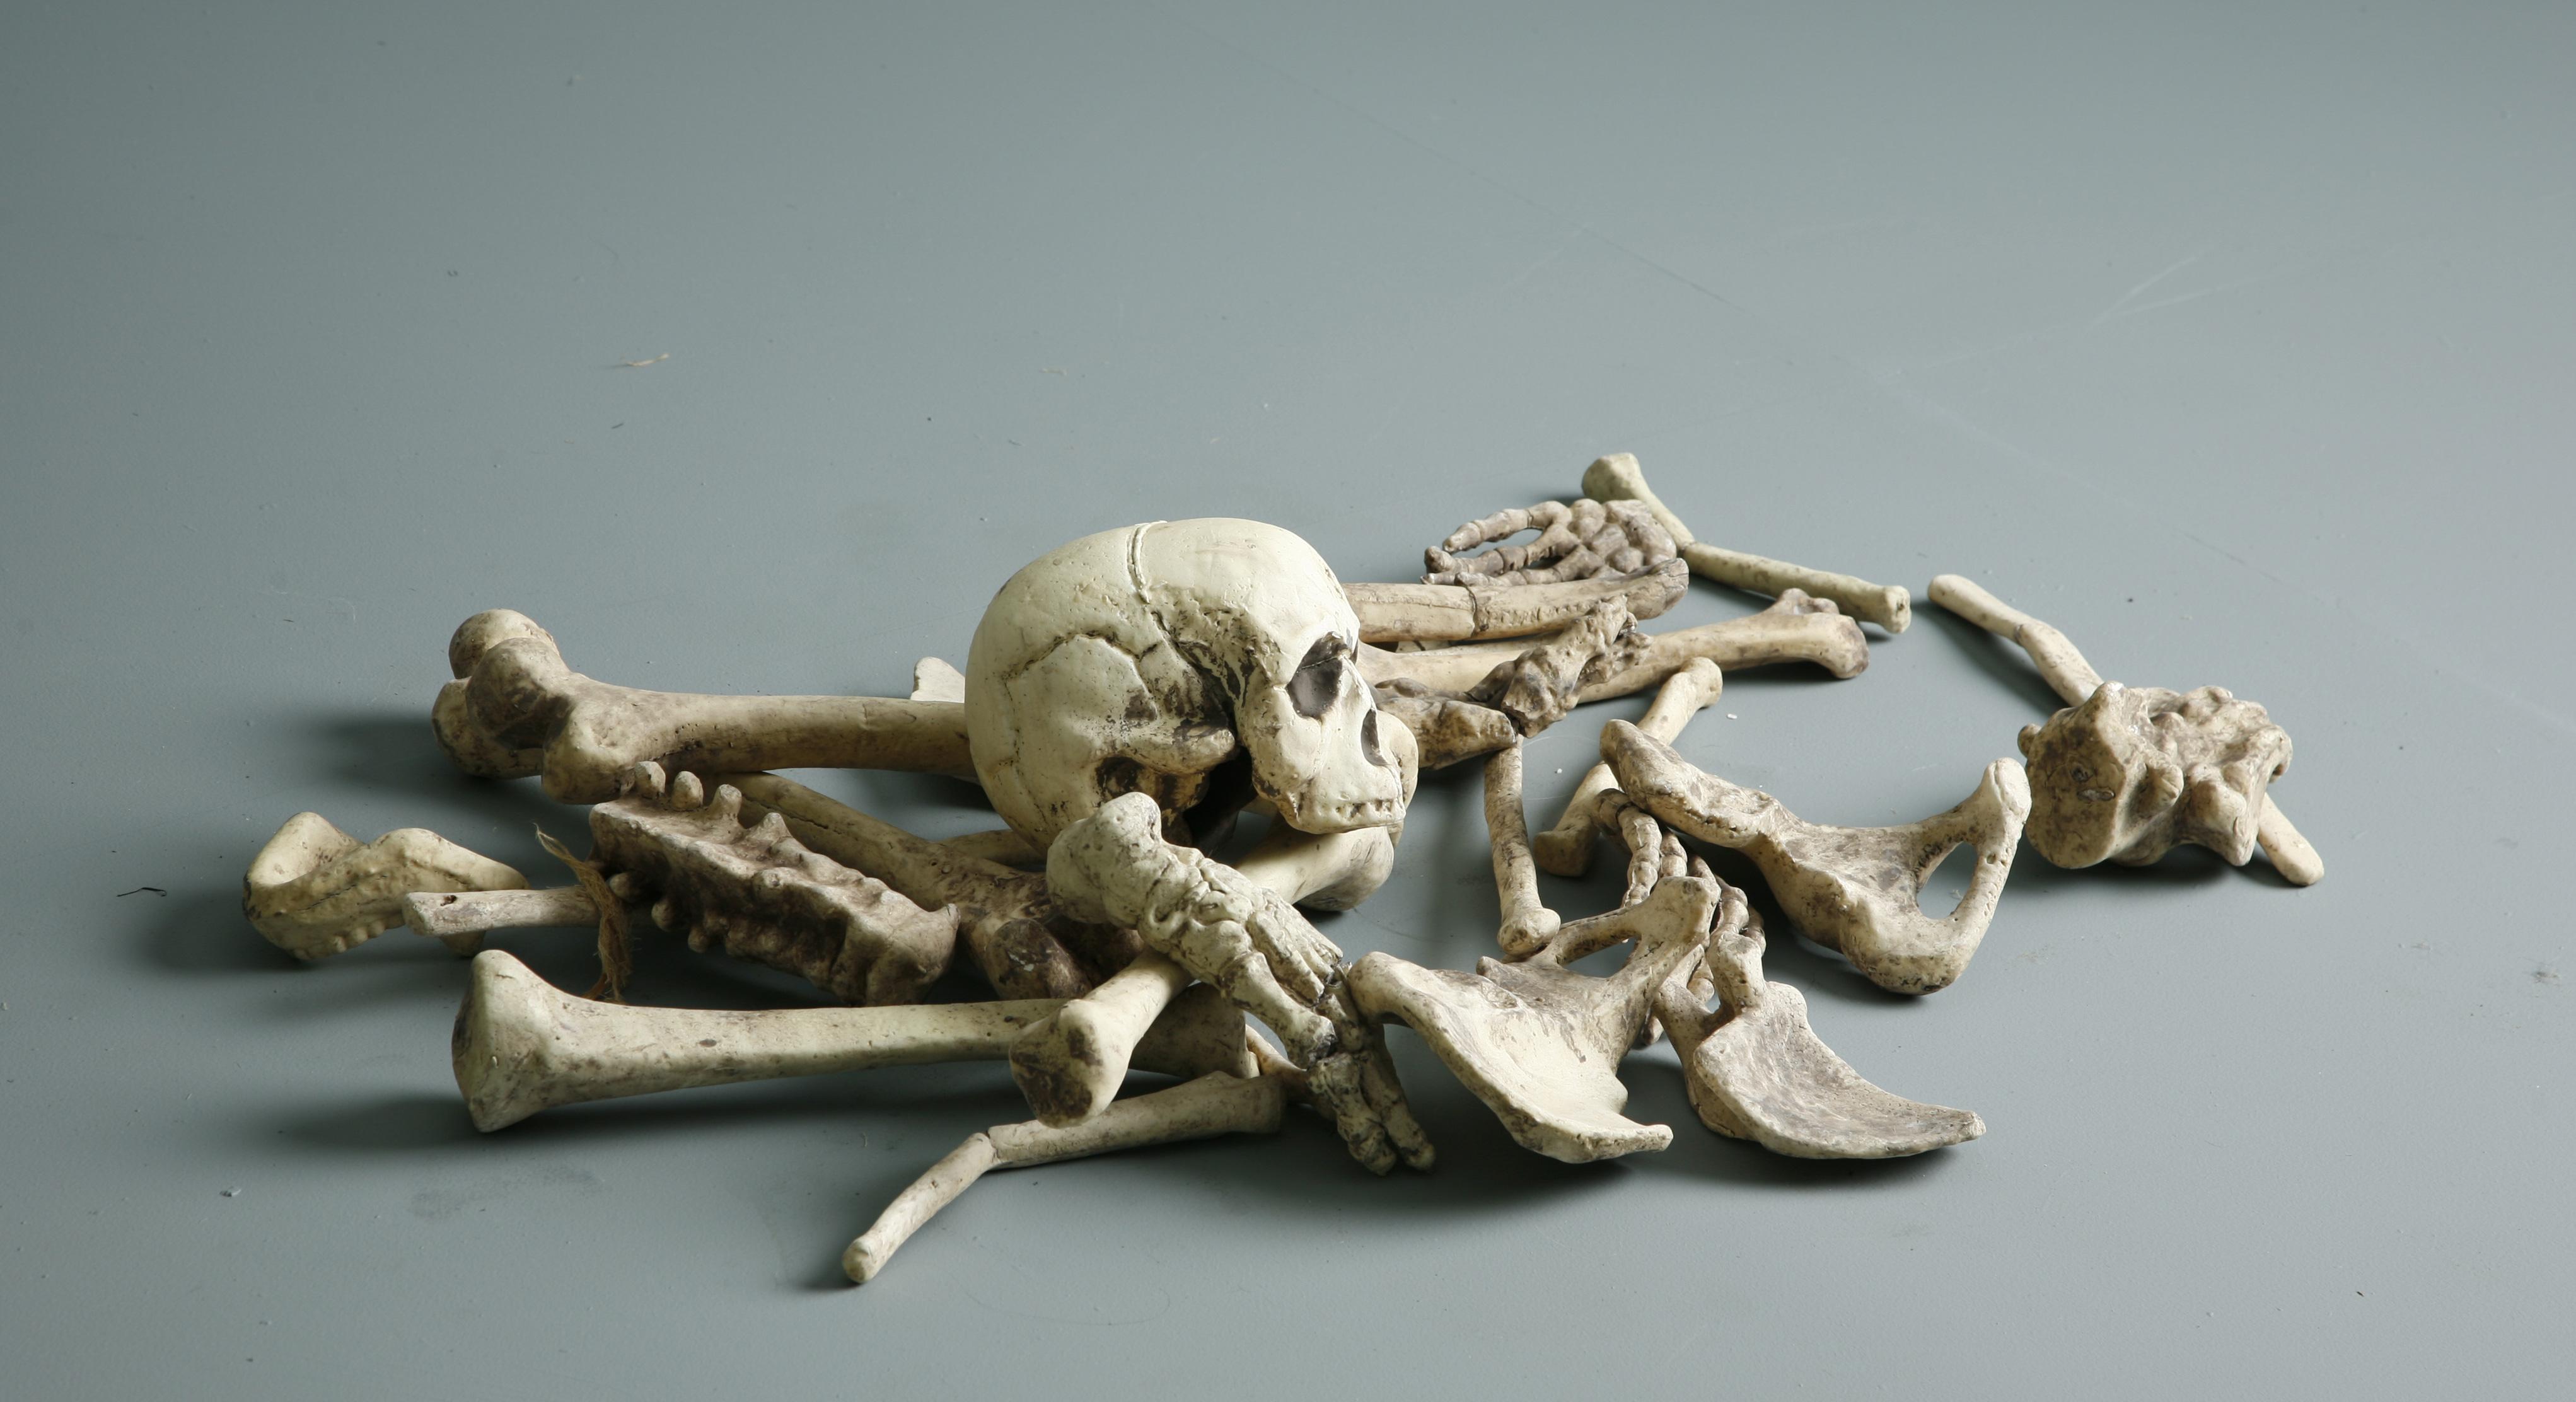 Bones - 2 by mjranum-stock